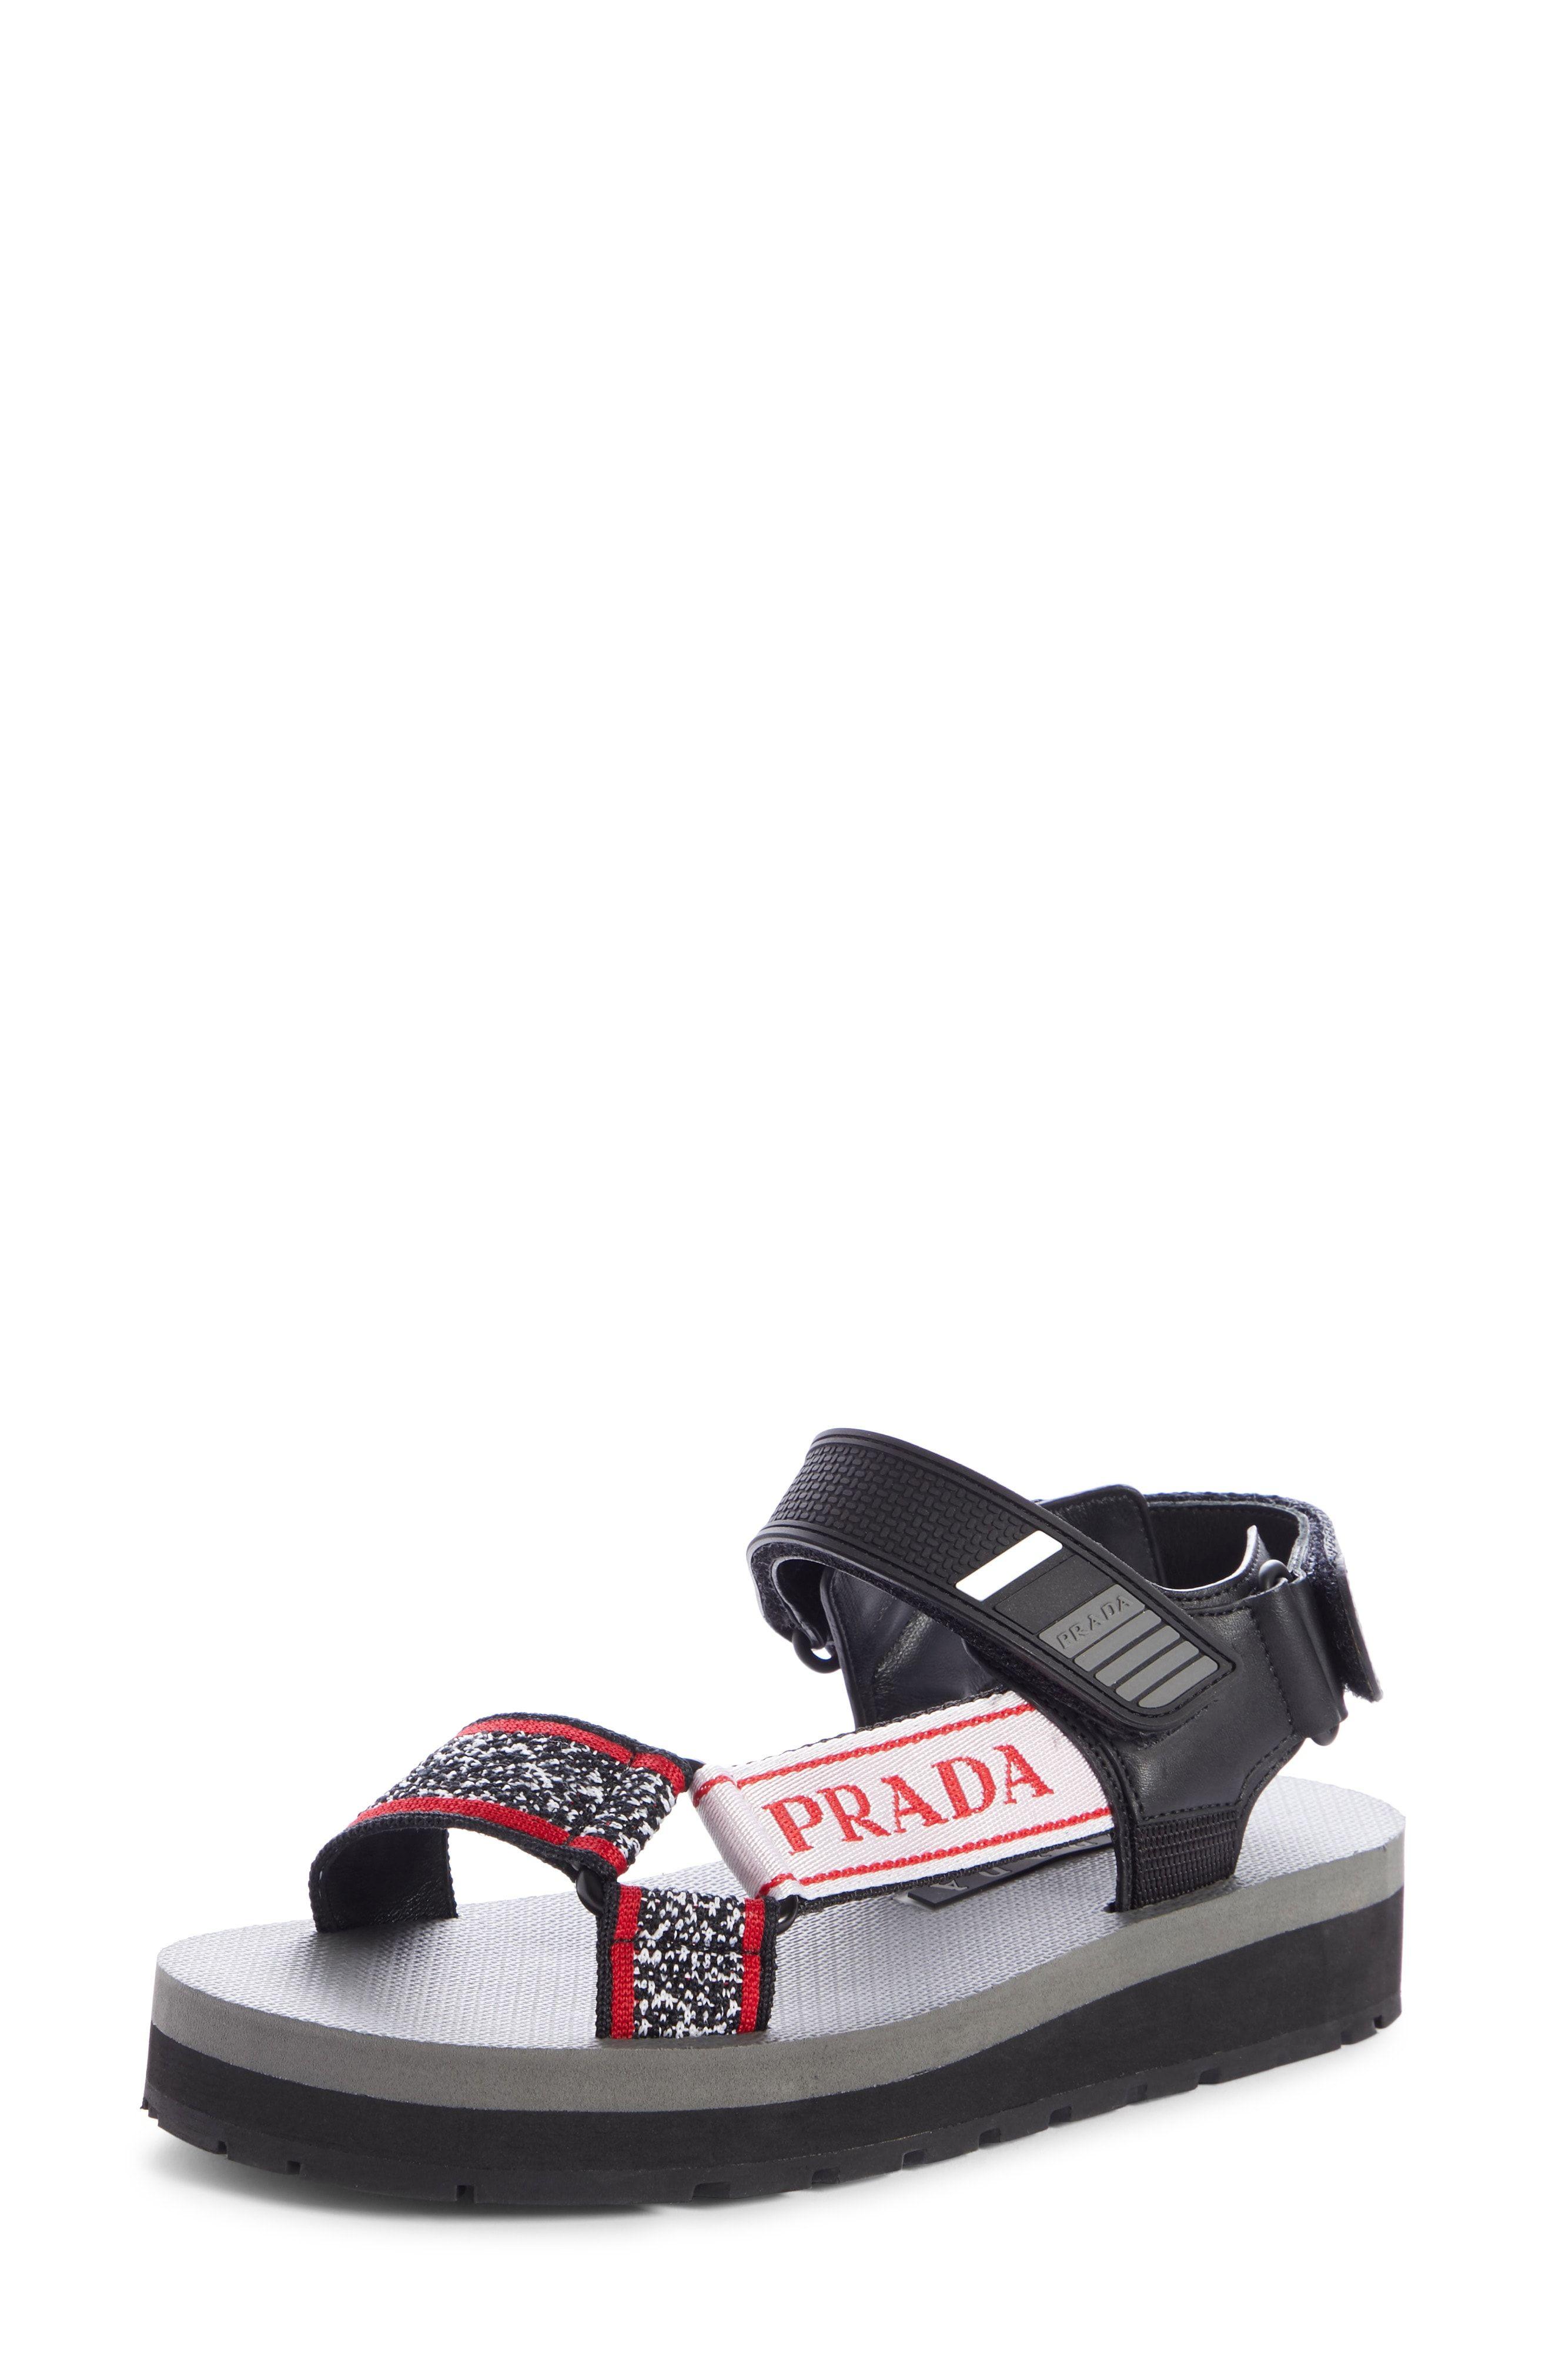 Prada Sport Sandal (Women) | Trending